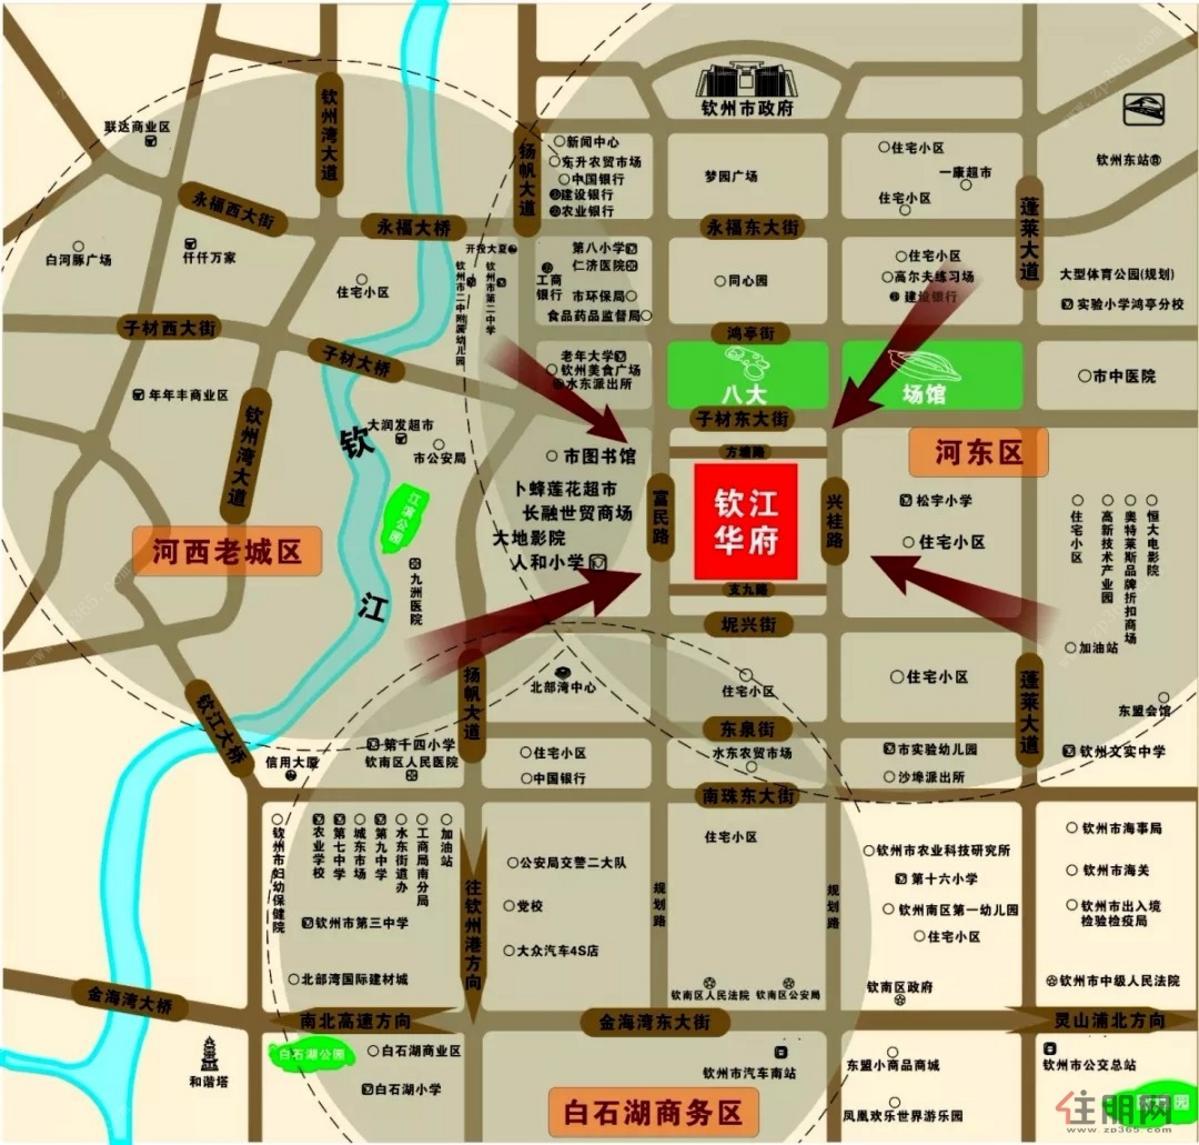 钦江华府交通图